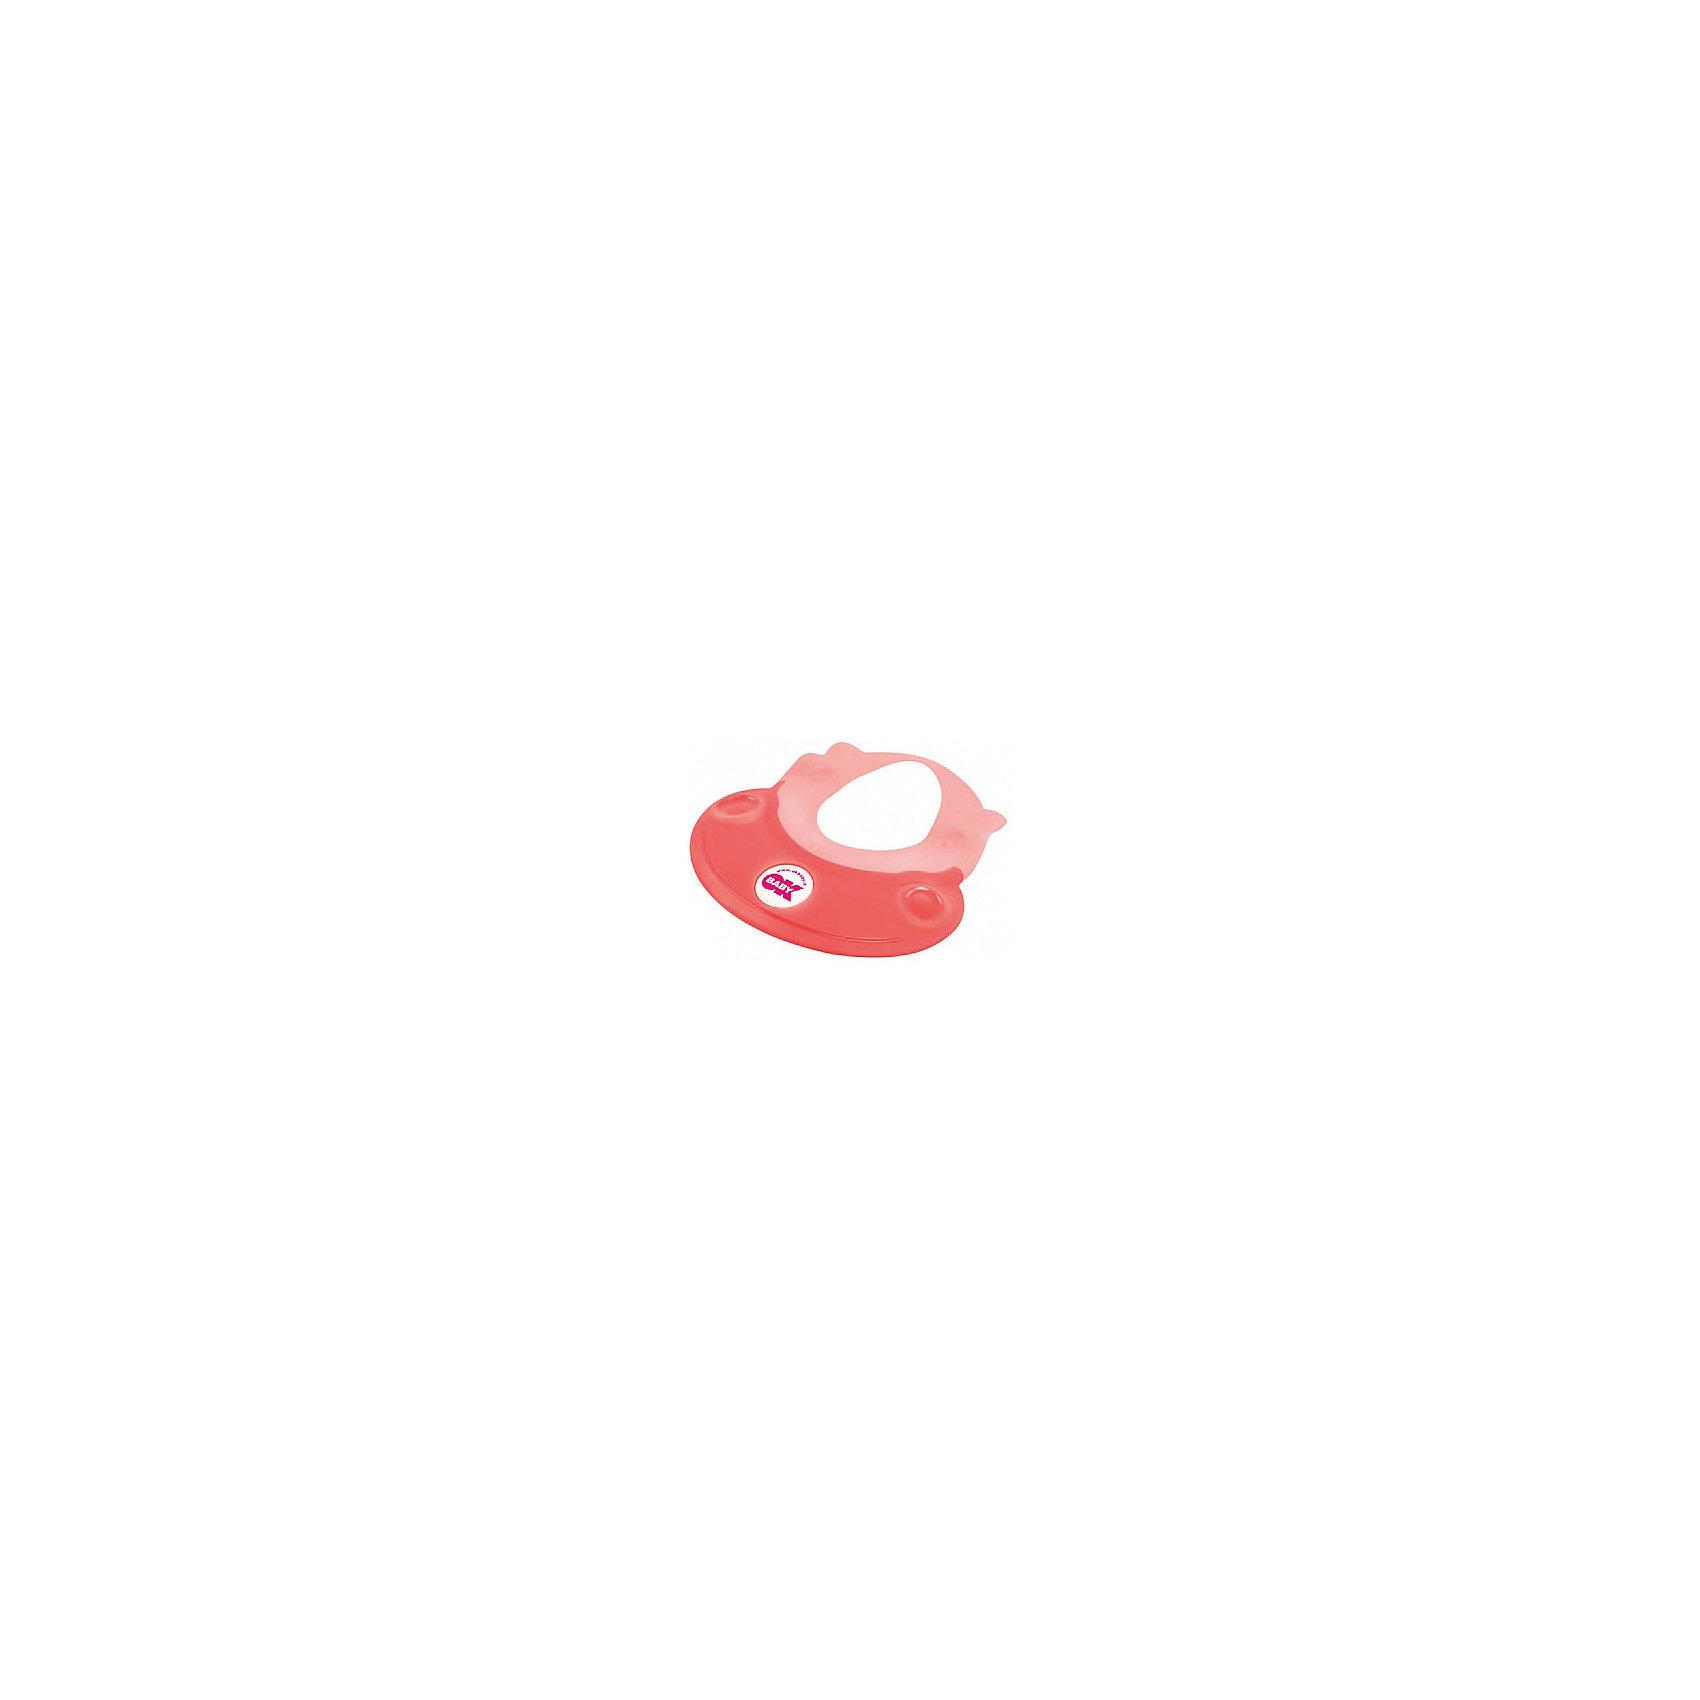 Козырек для купания Hippo, Ok Baby, розовый (OK Baby)